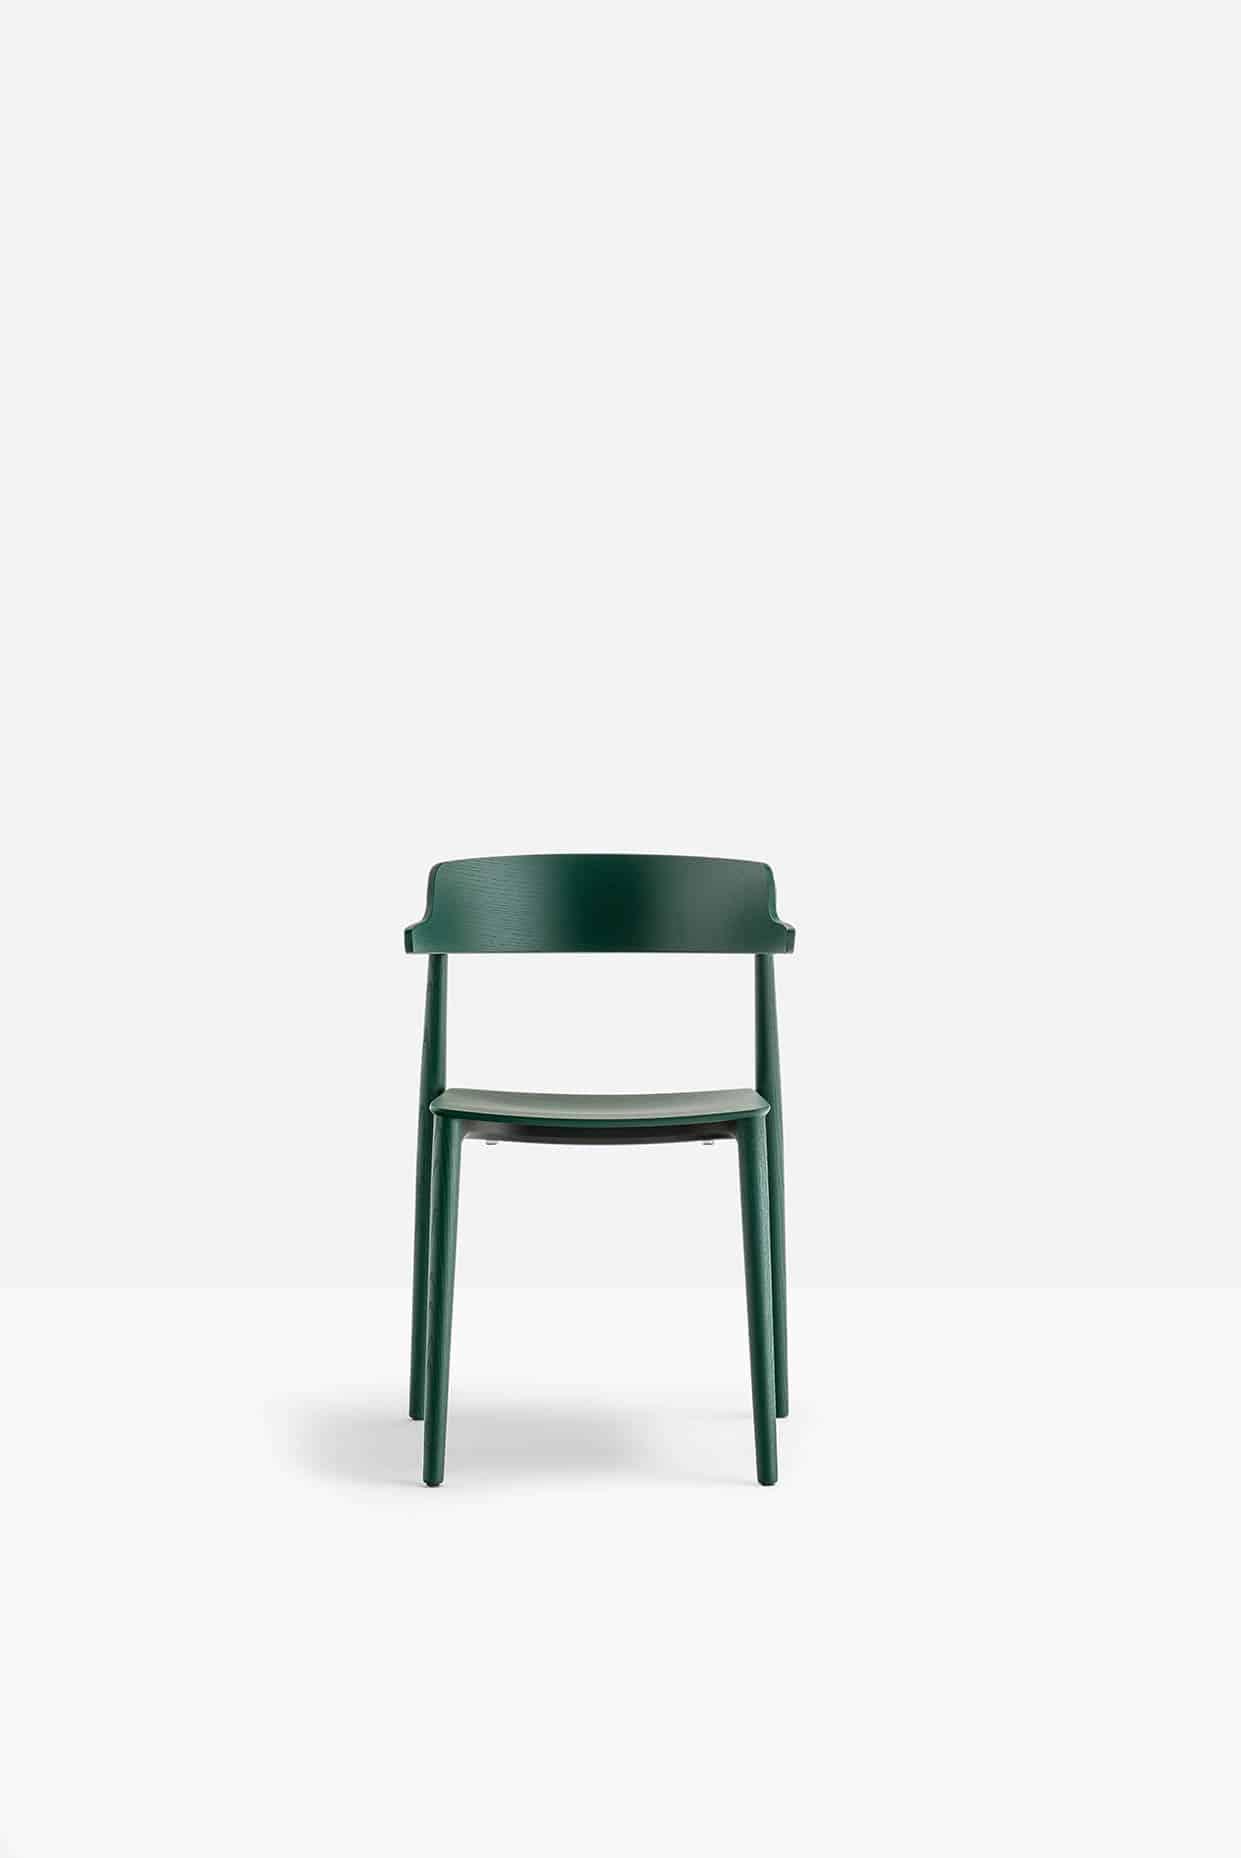 PEDRALI NEMEA 2825 chaise bois , attente, réunion,restauration